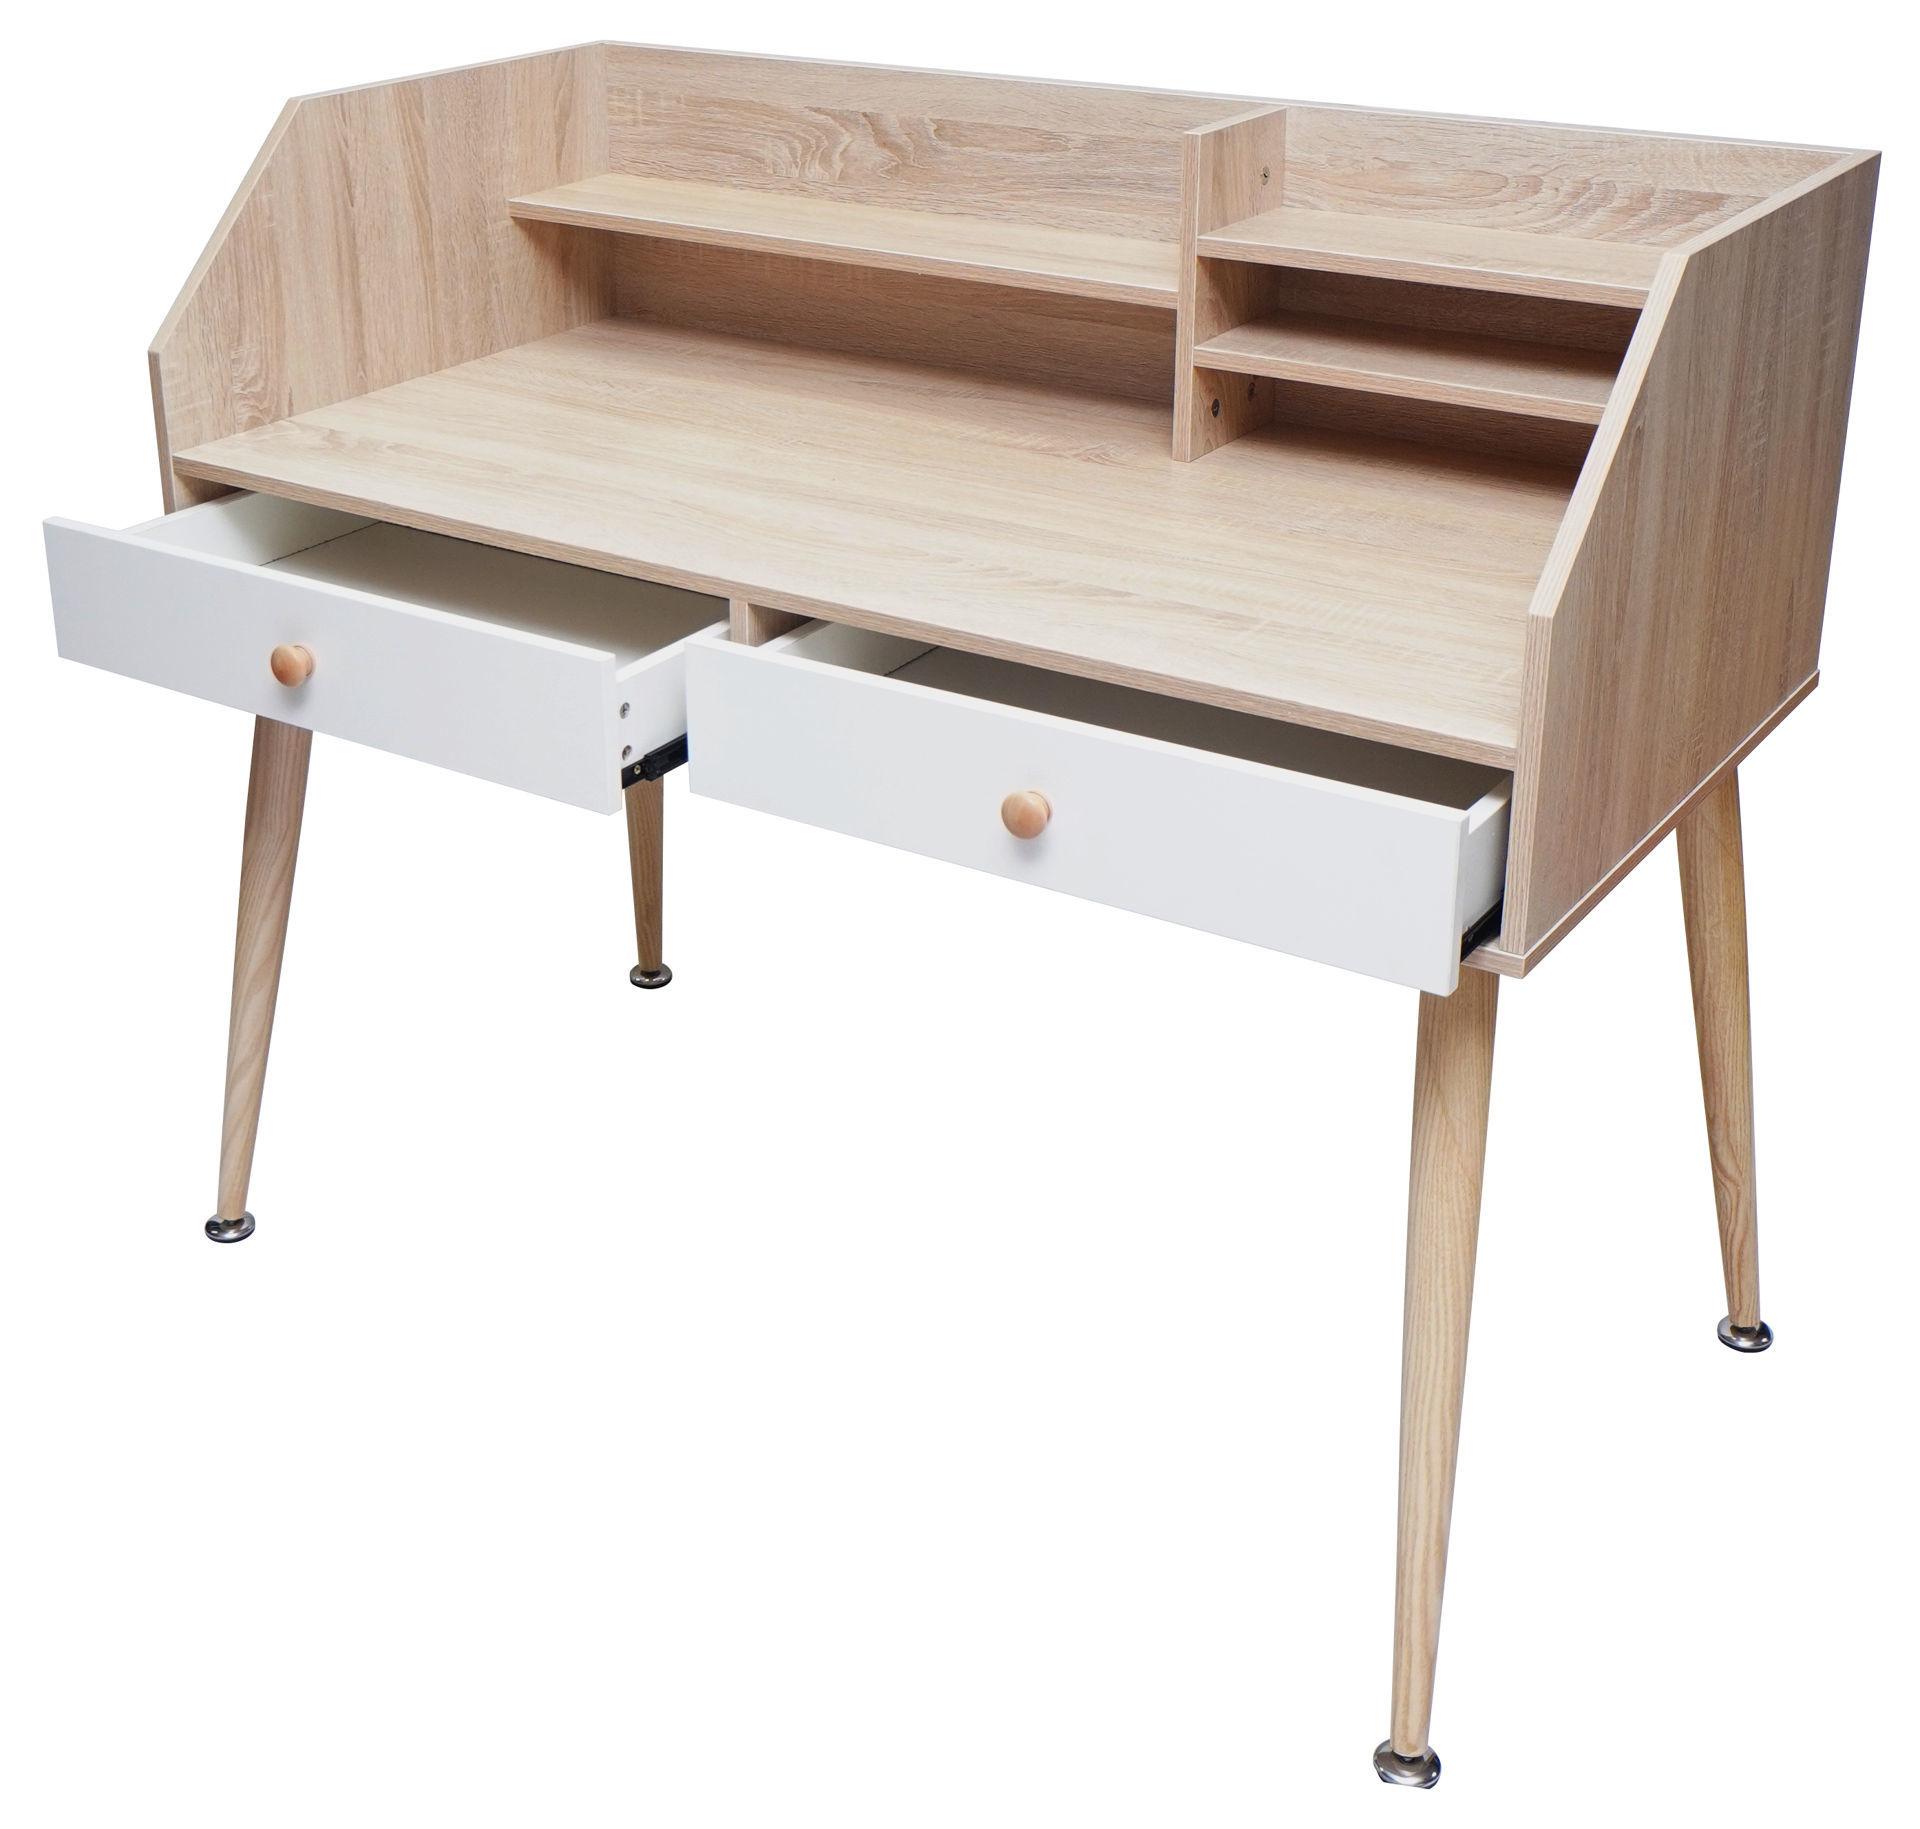 Picture of HX-014 Ulink 1200 x 600 Computer Desk w/Hutch - Pine